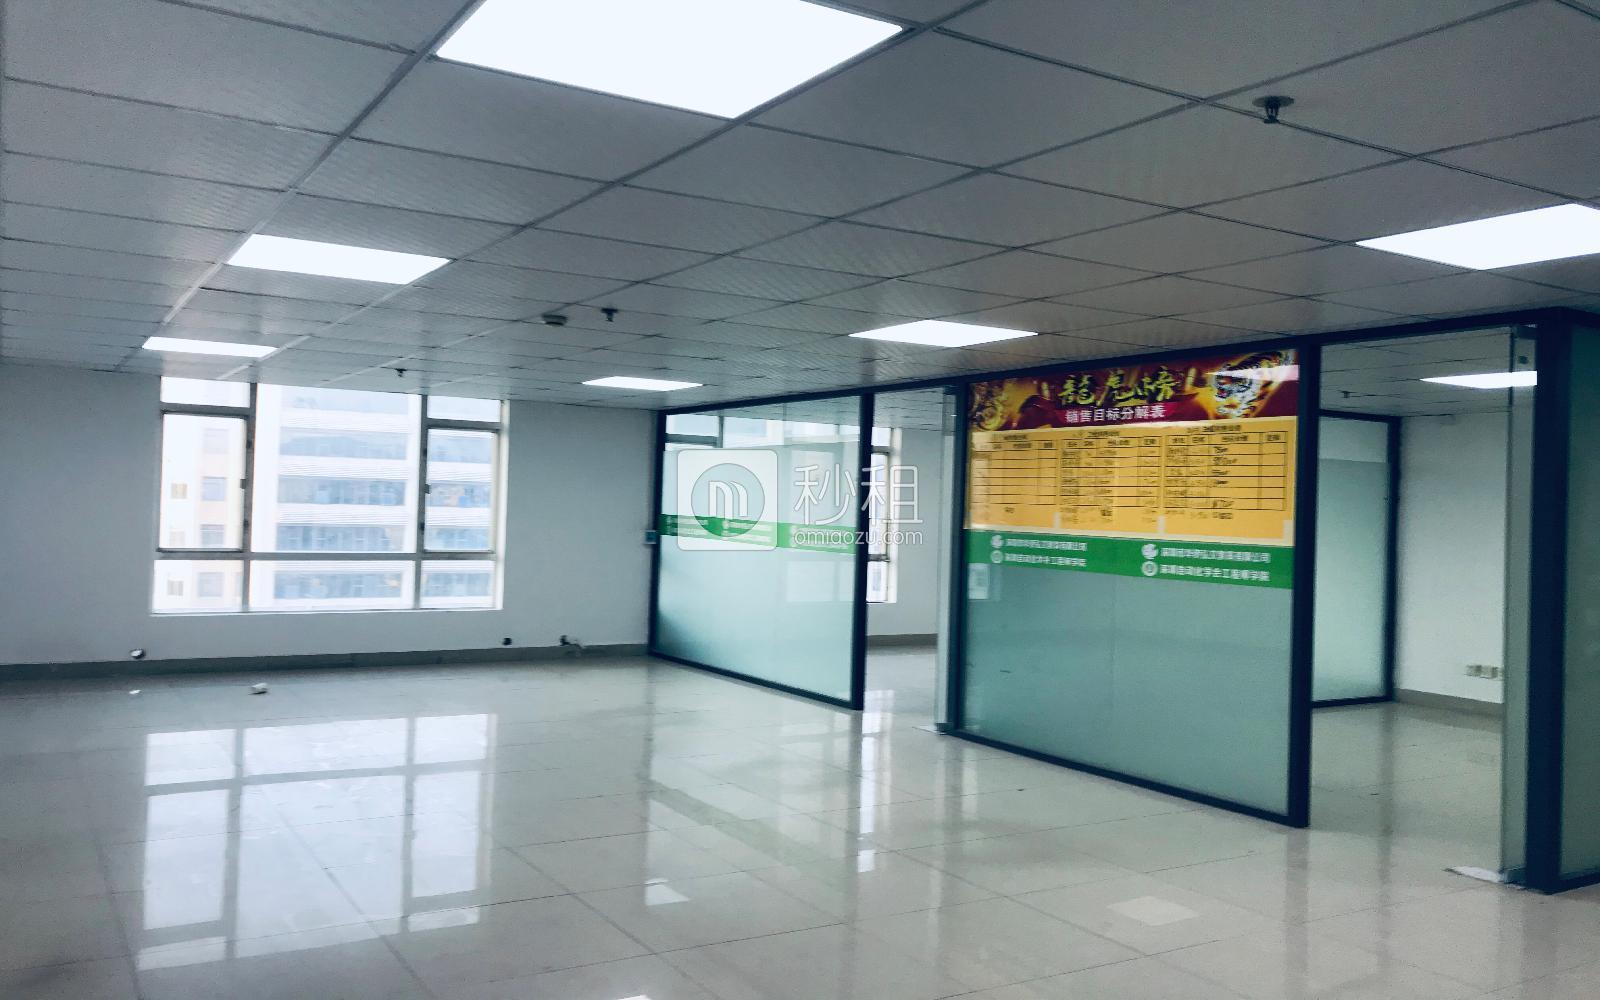 龙华-民治 蓝坤大厦 228m²